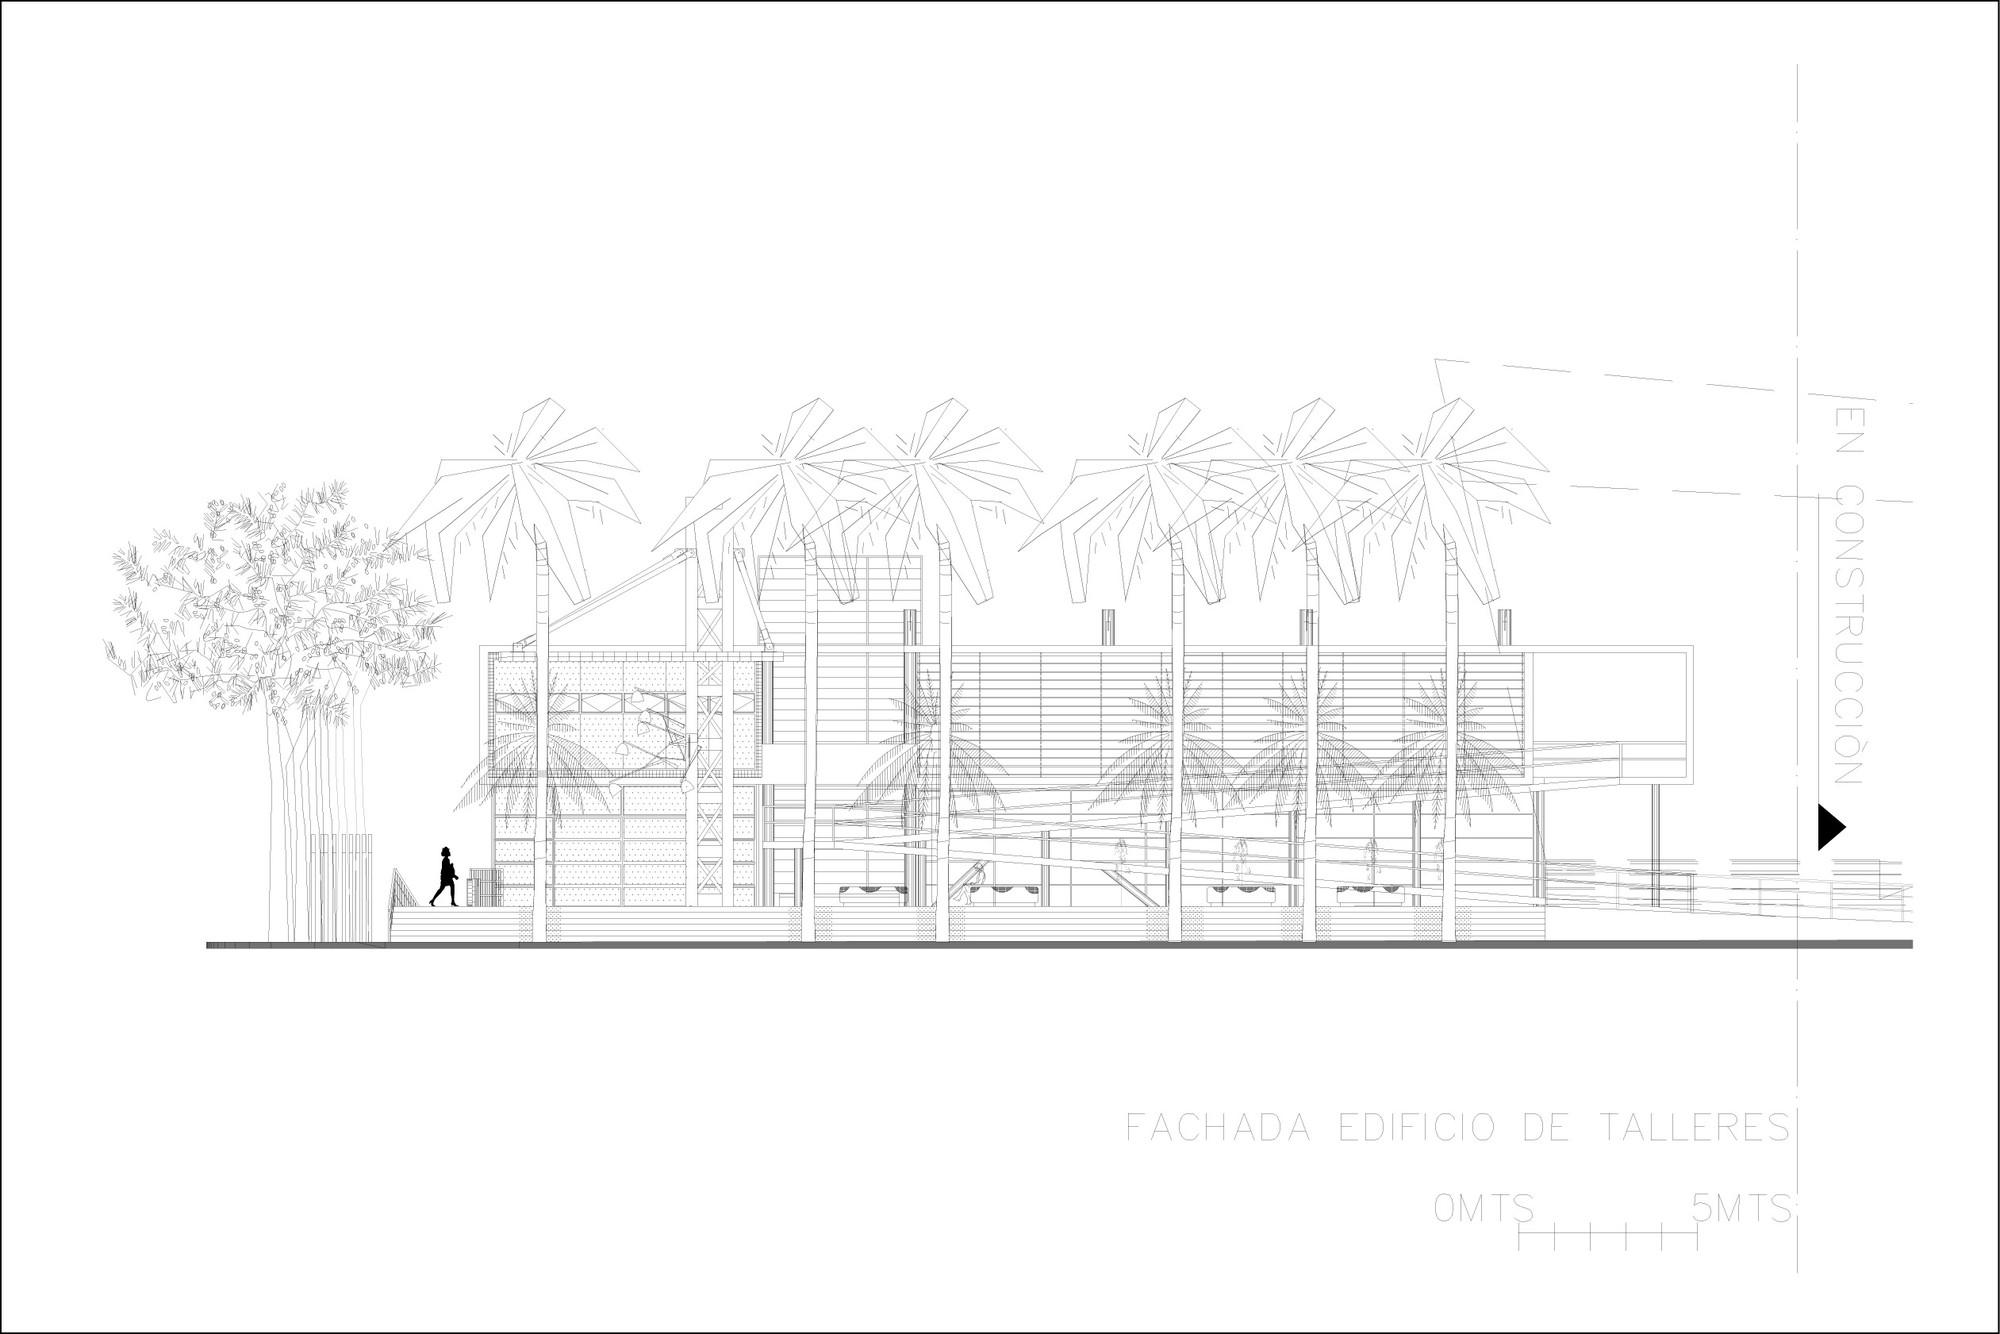 fachada edificio talleres